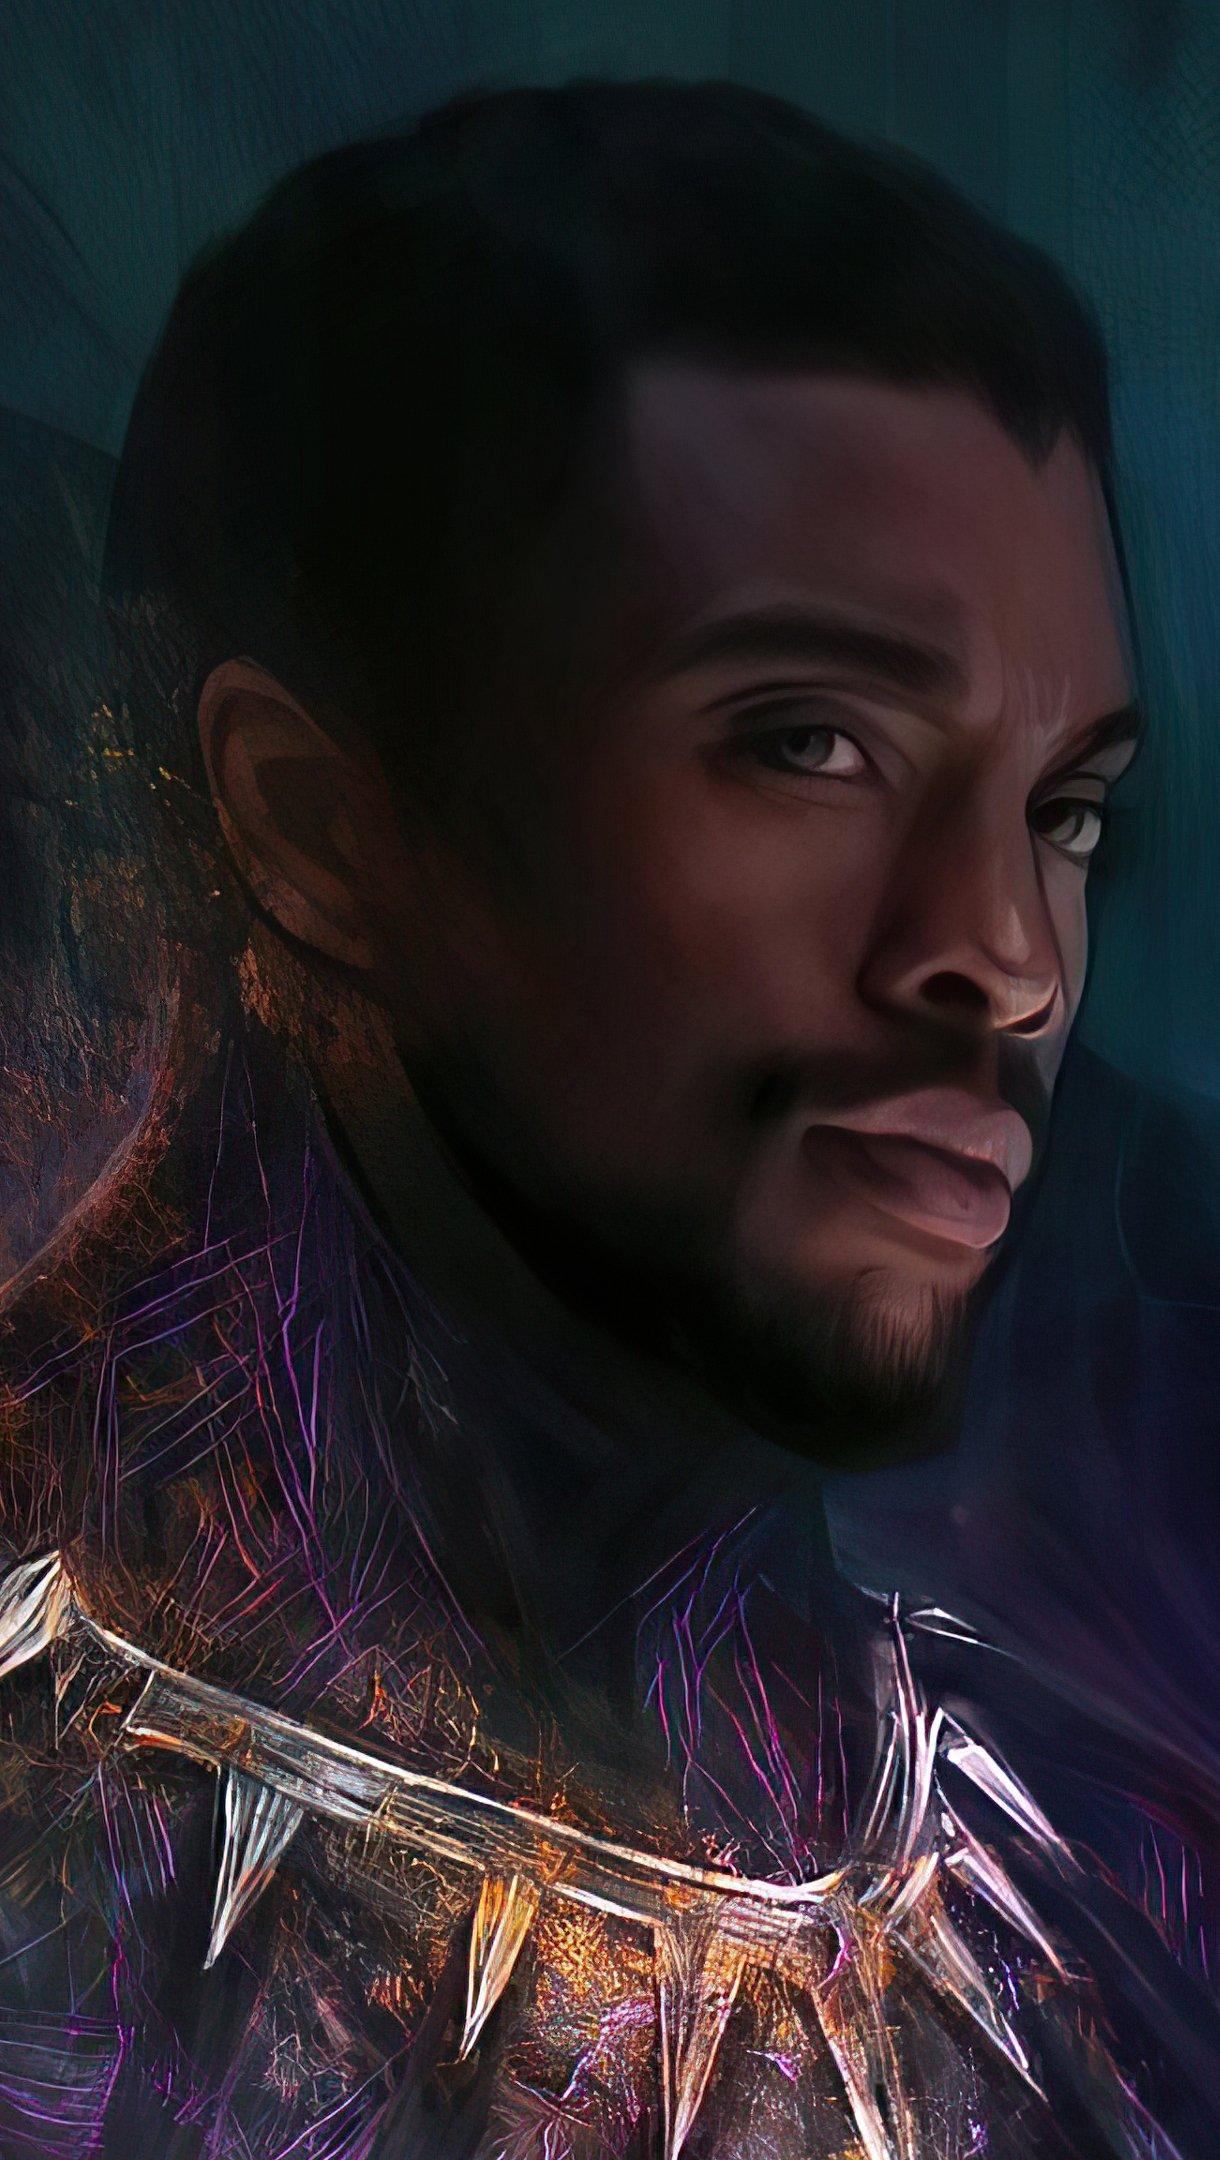 Fondos de pantalla Chadwick Boseman como Pantera Negra 2020 Fanart Vertical